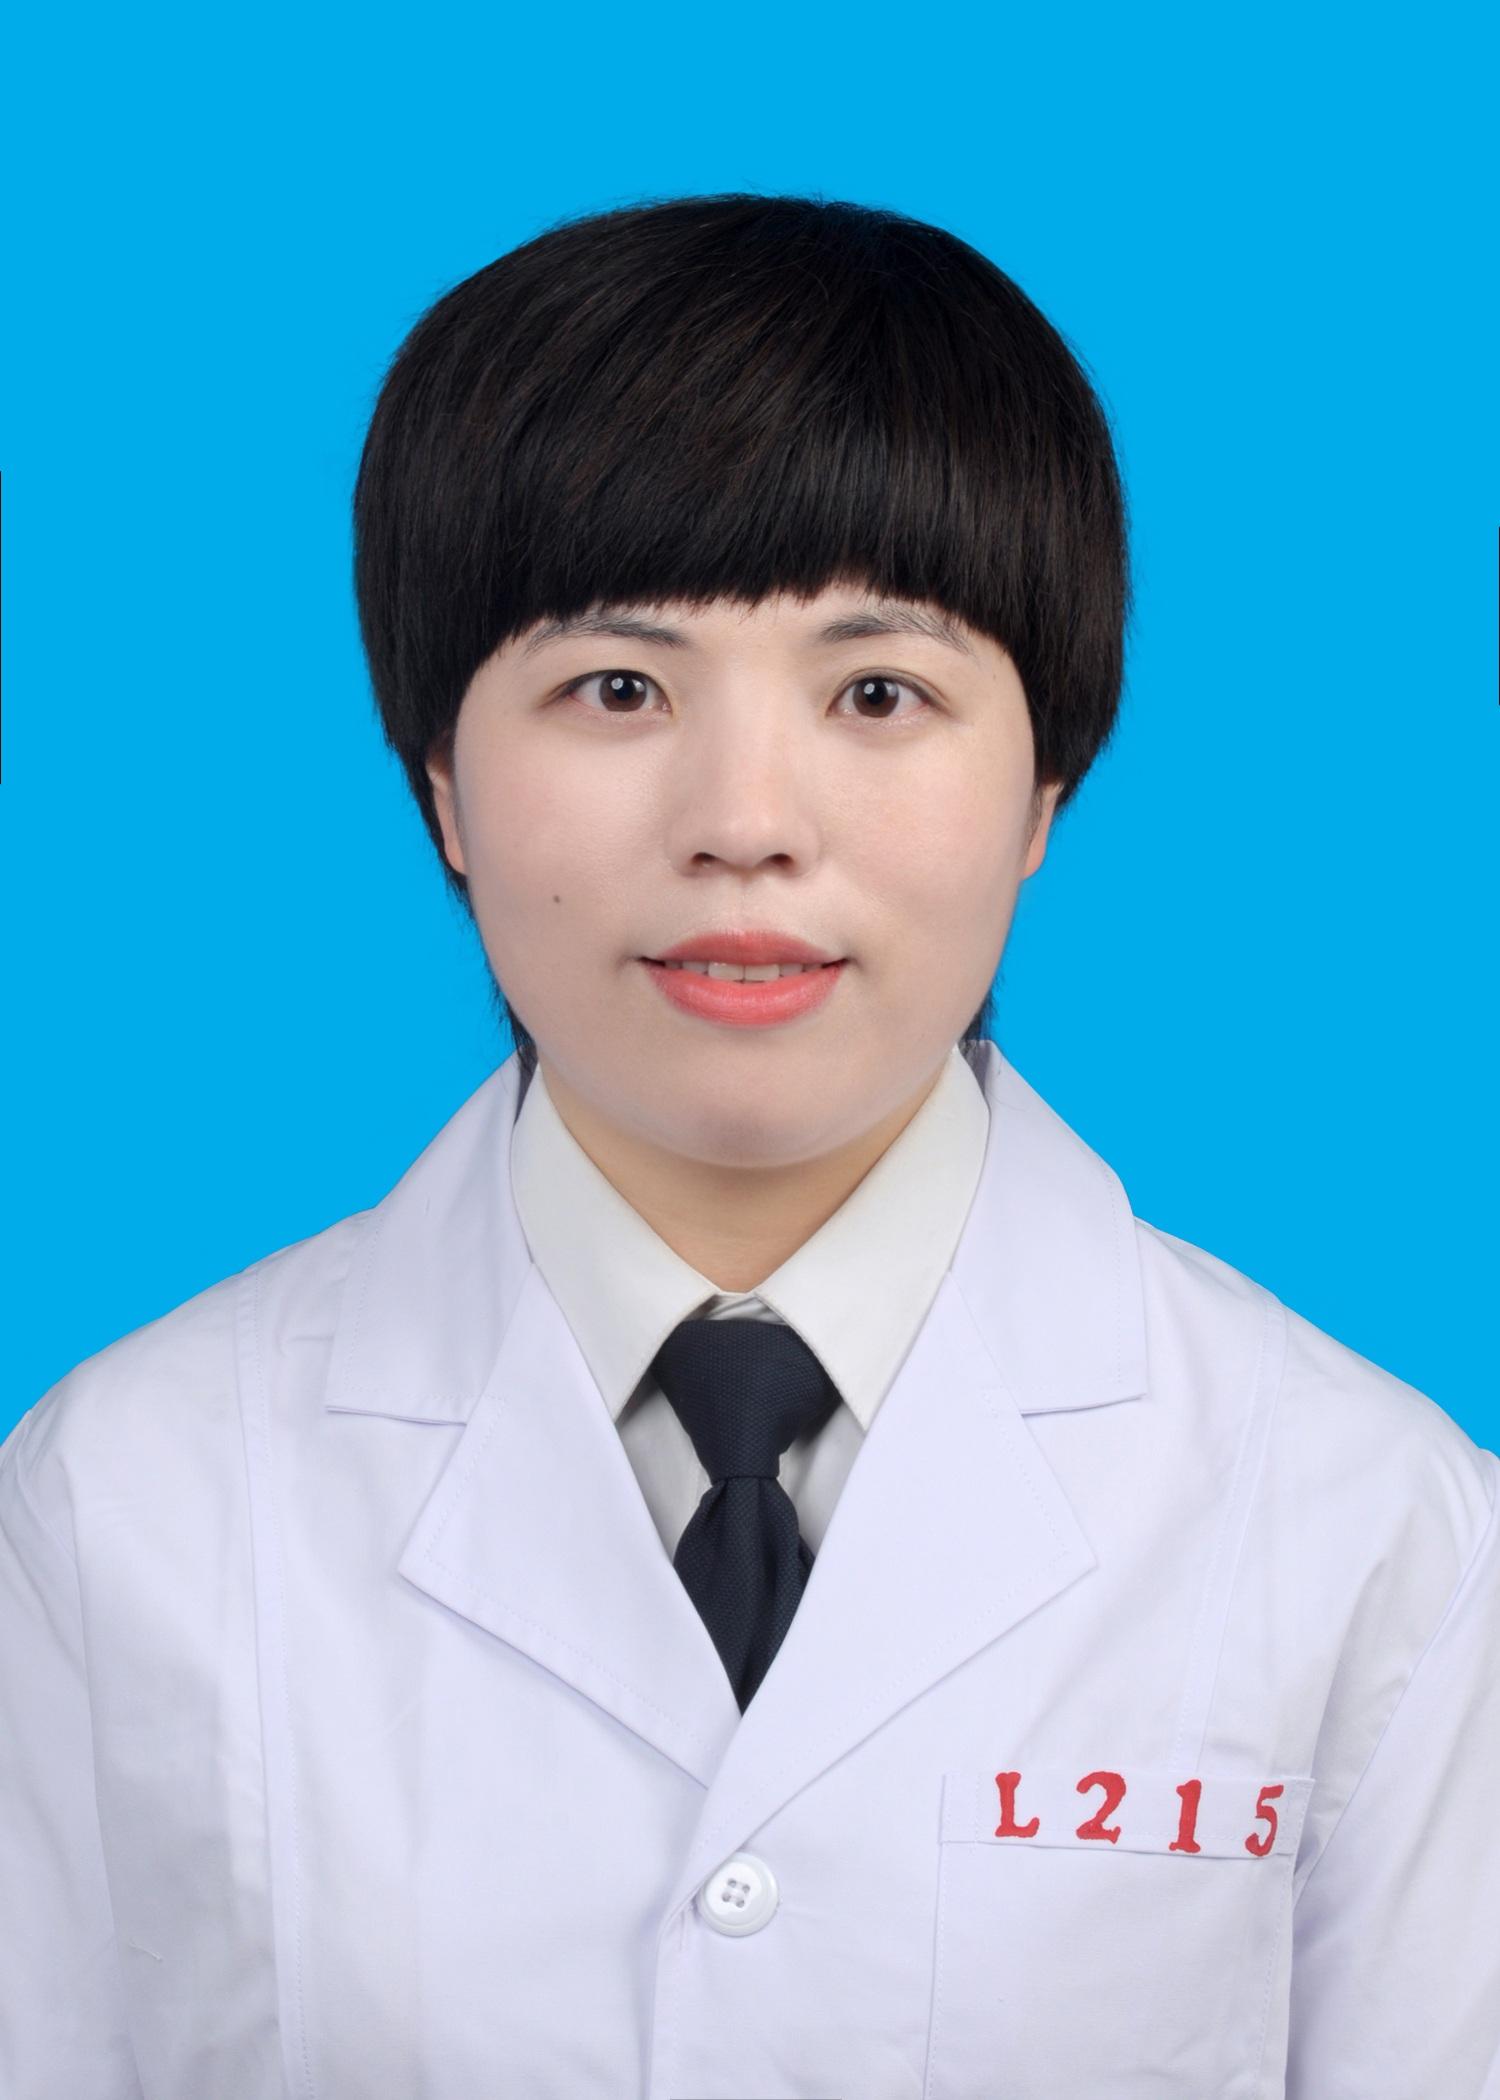 温州老年病医院——刘漫漫